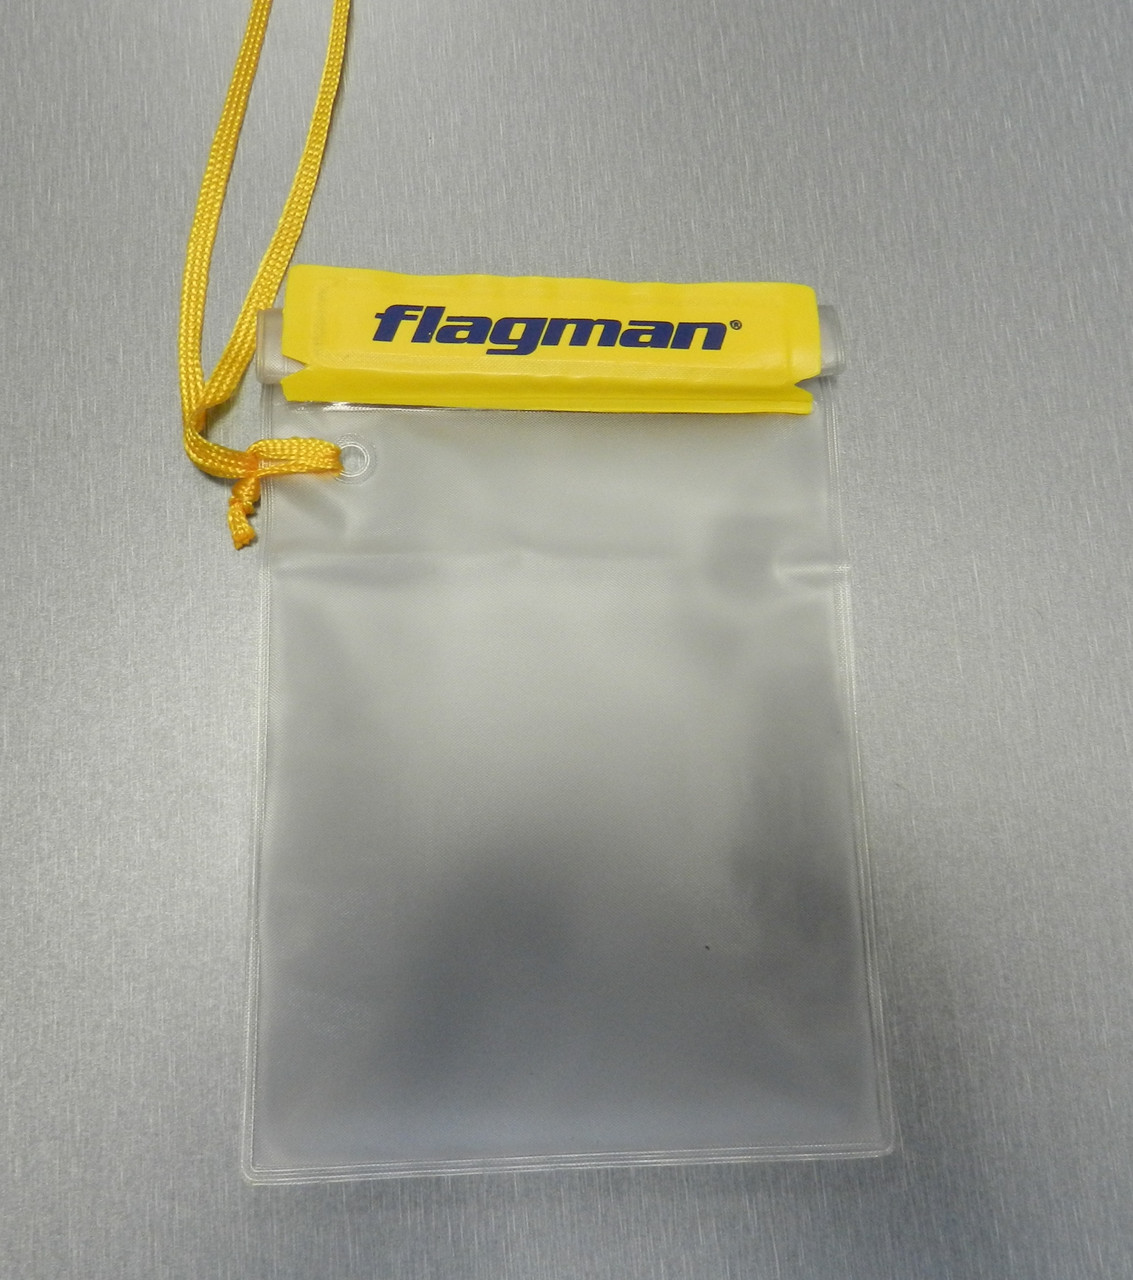 Гермопакет для телефона Flagman